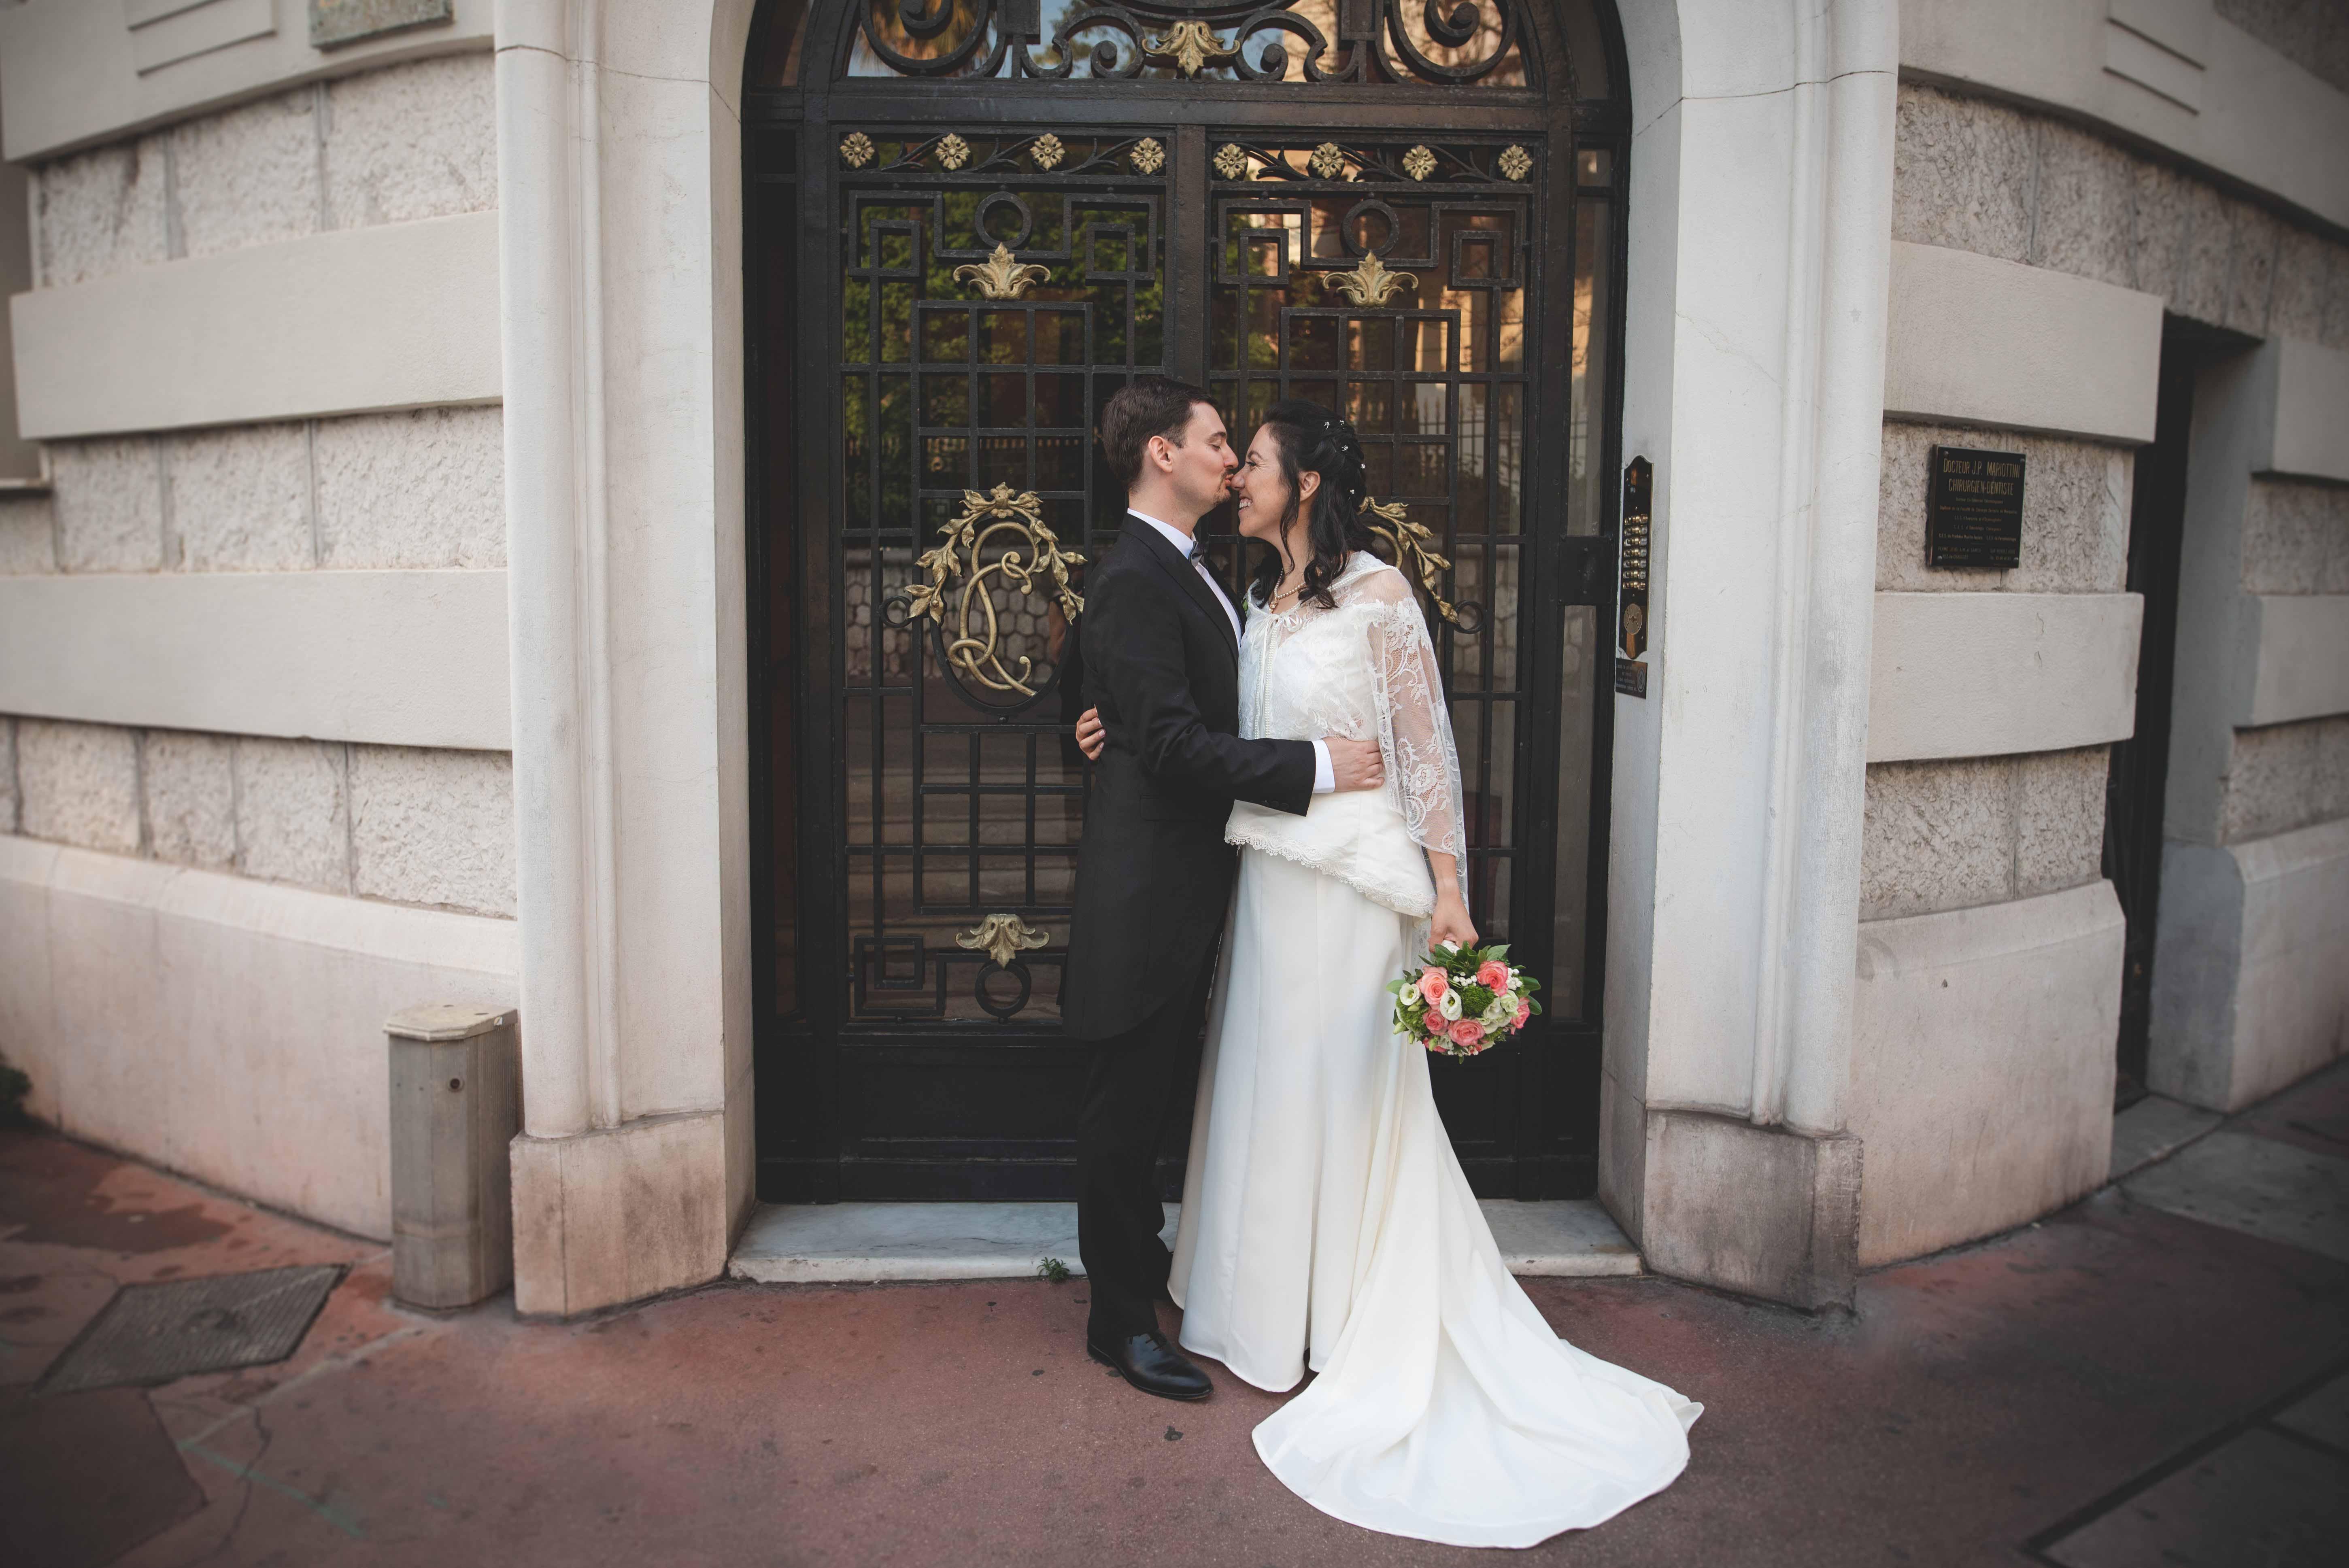 Séance photos après le mariage 06